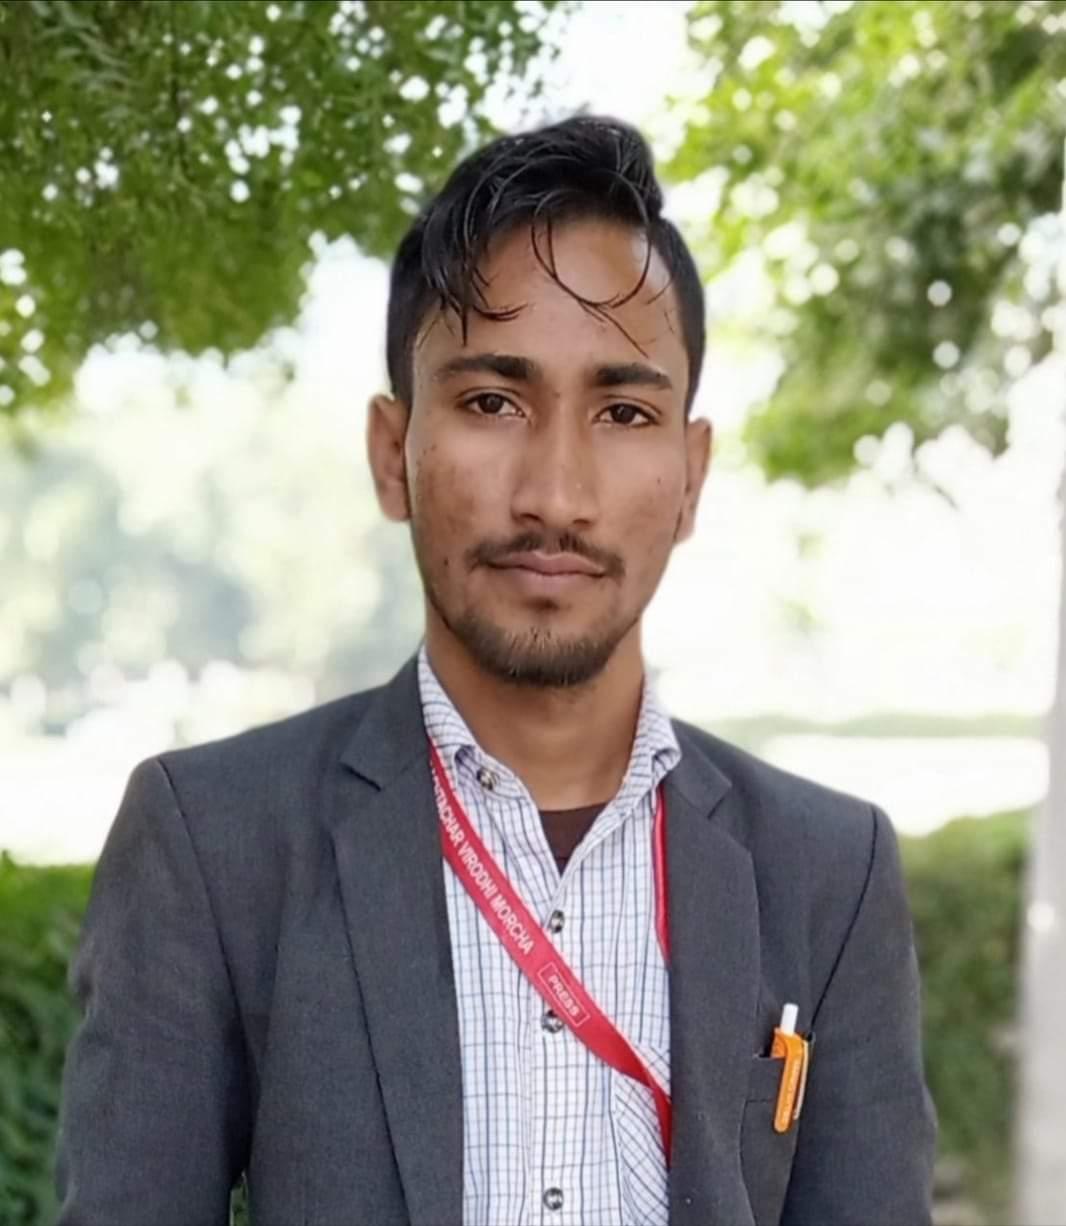 केन्द्रीय पत्रकार हेल्पलाइन एसोसिएशन के राष्ट्रीय संगठन मंत्री अनीस अंसारी ने पीड़ित पत्रकार की उठाई आवाज